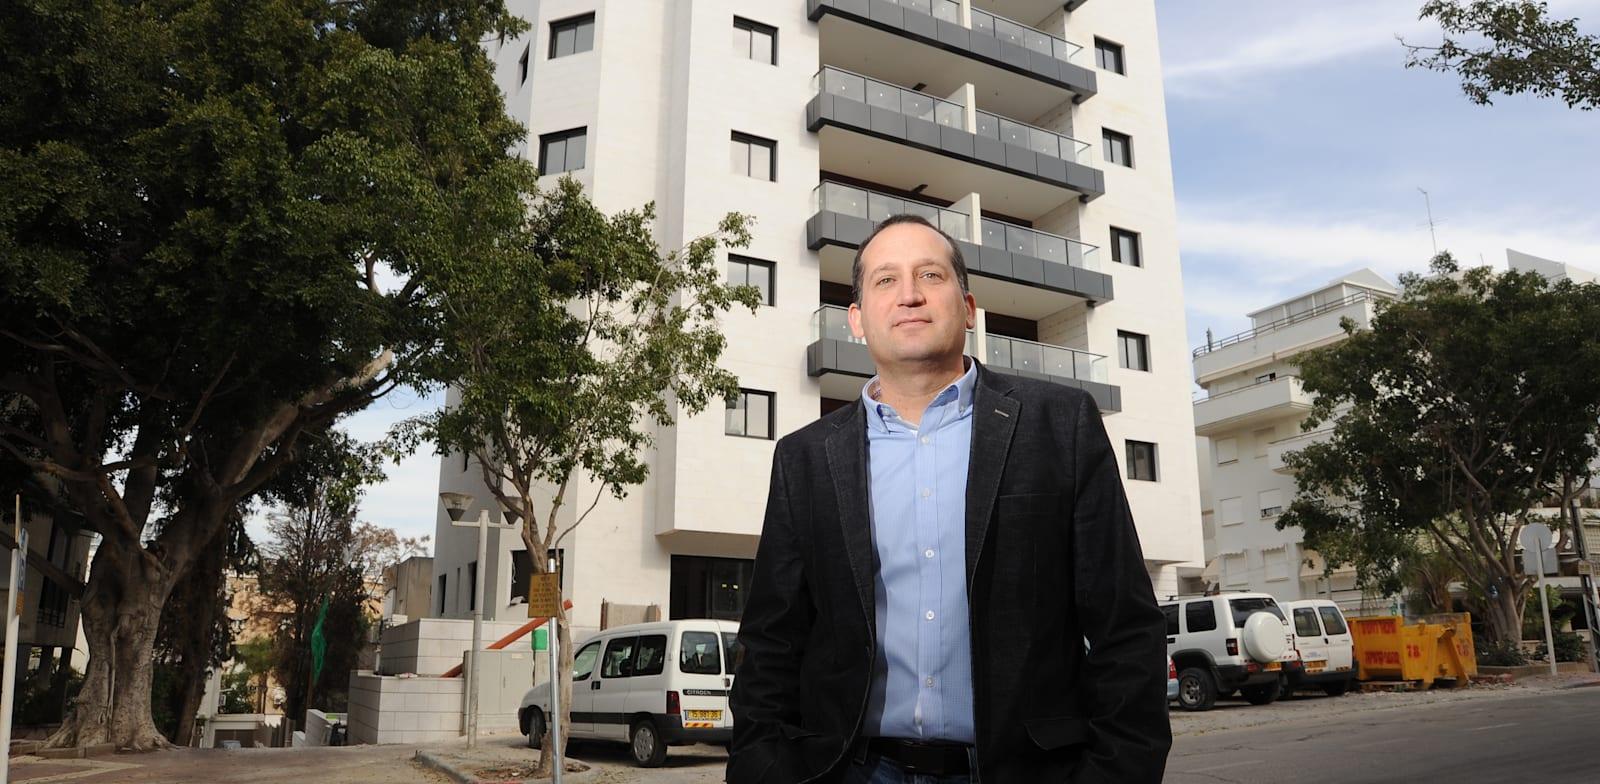 רן קוניק - ראש עיריית גבעתיים / צילום: איל יצהר